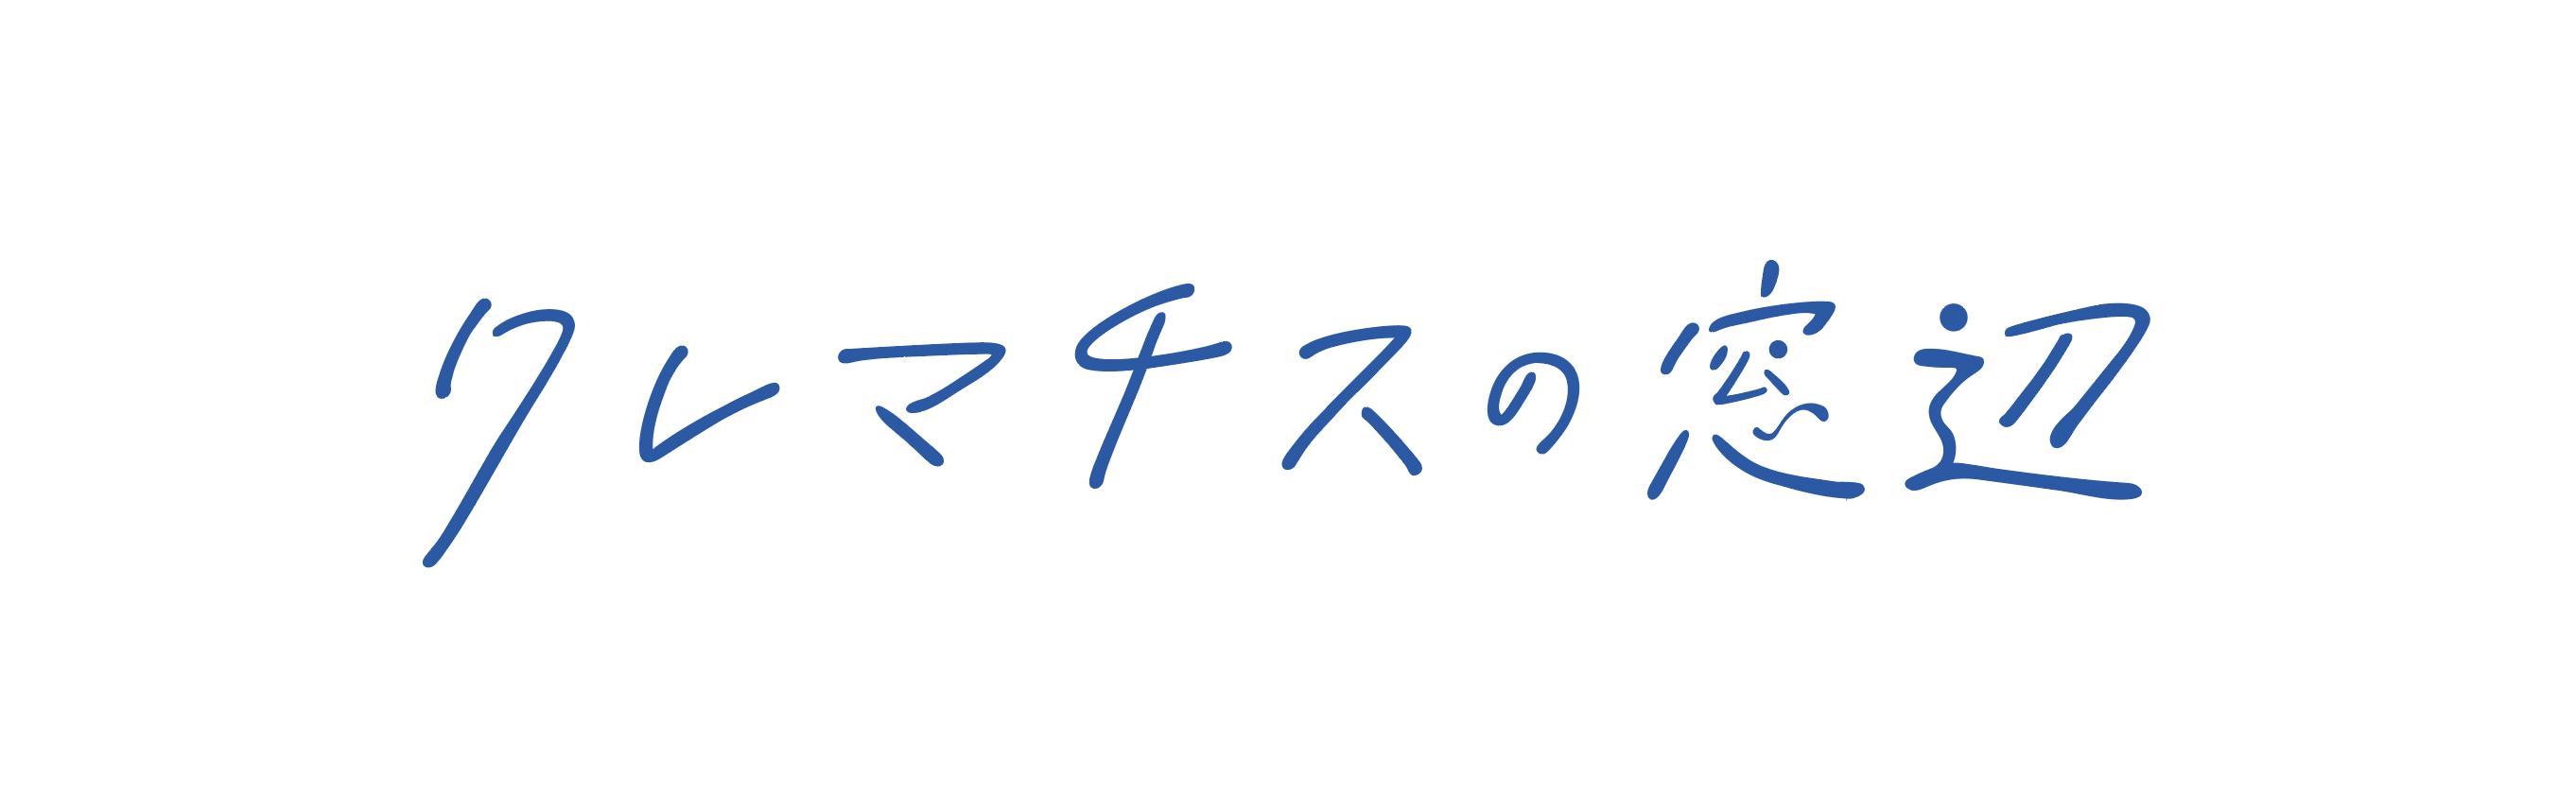 スクリーンショット 2020-01-04 21.02.17